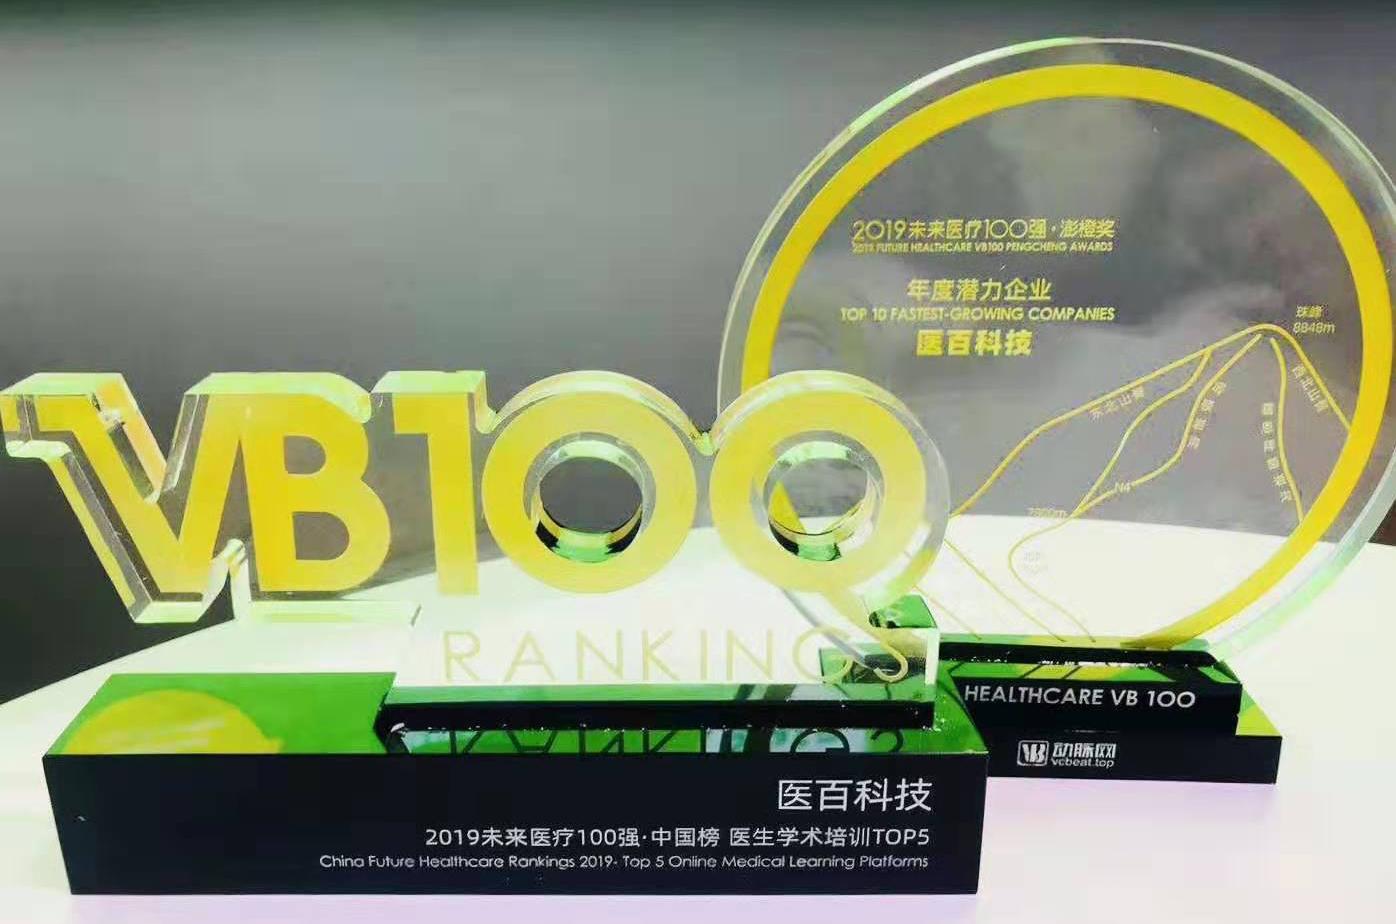 """""""2019未来医疗100强""""榜单发布,医百科技荣登两项潜力级行业榜单"""